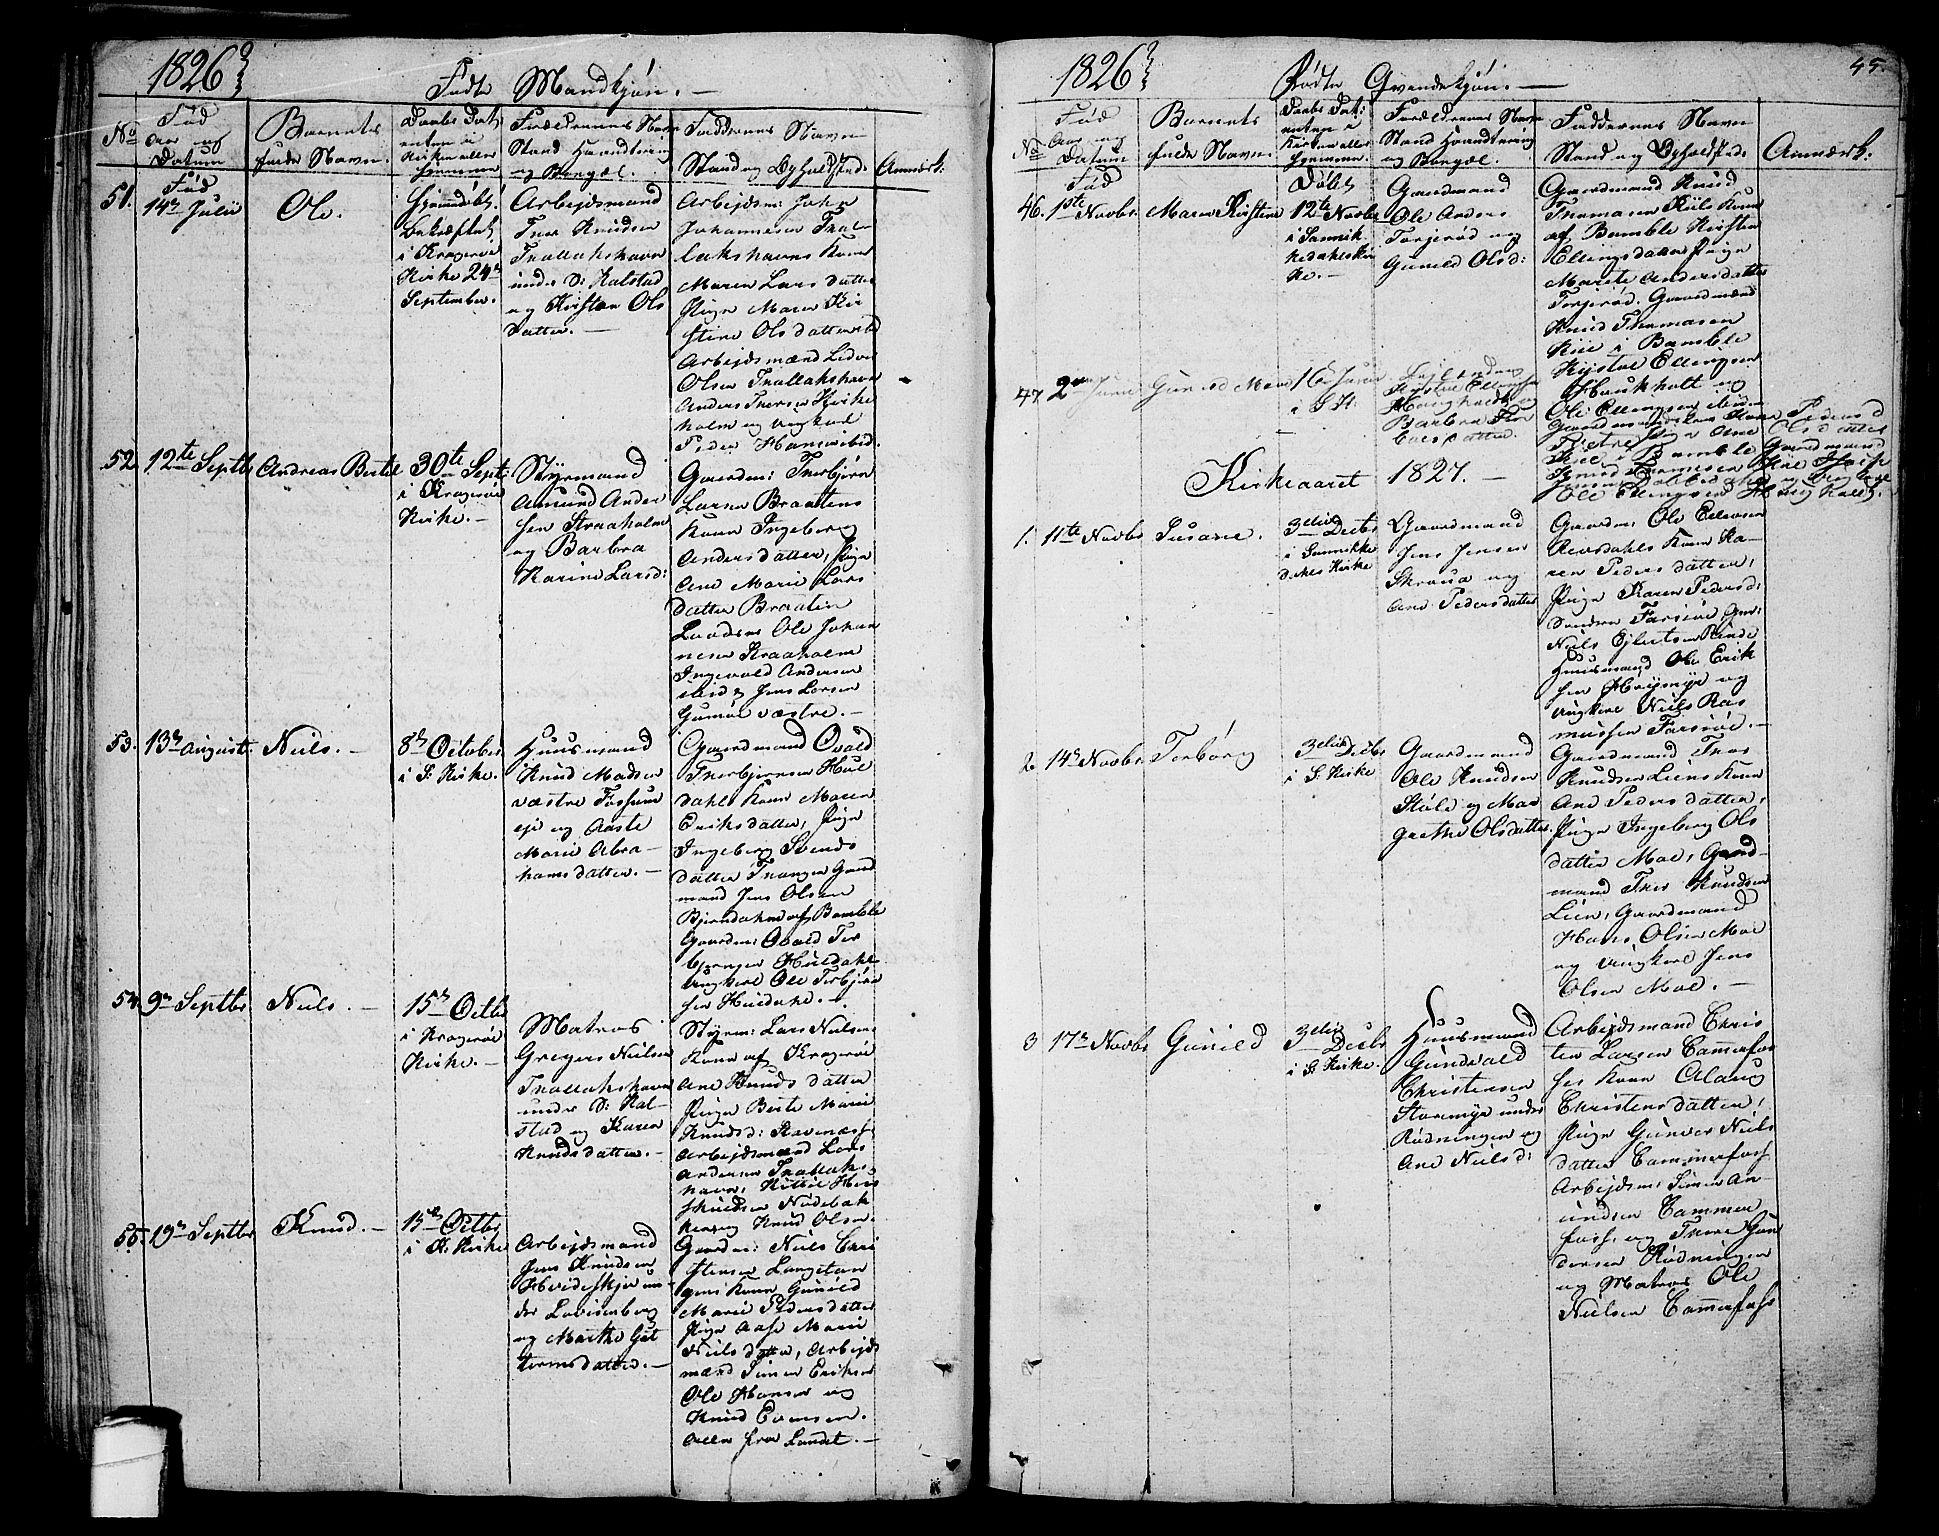 SAKO, Sannidal kirkebøker, F/Fa/L0005: Ministerialbok nr. 5, 1823-1830, s. 45